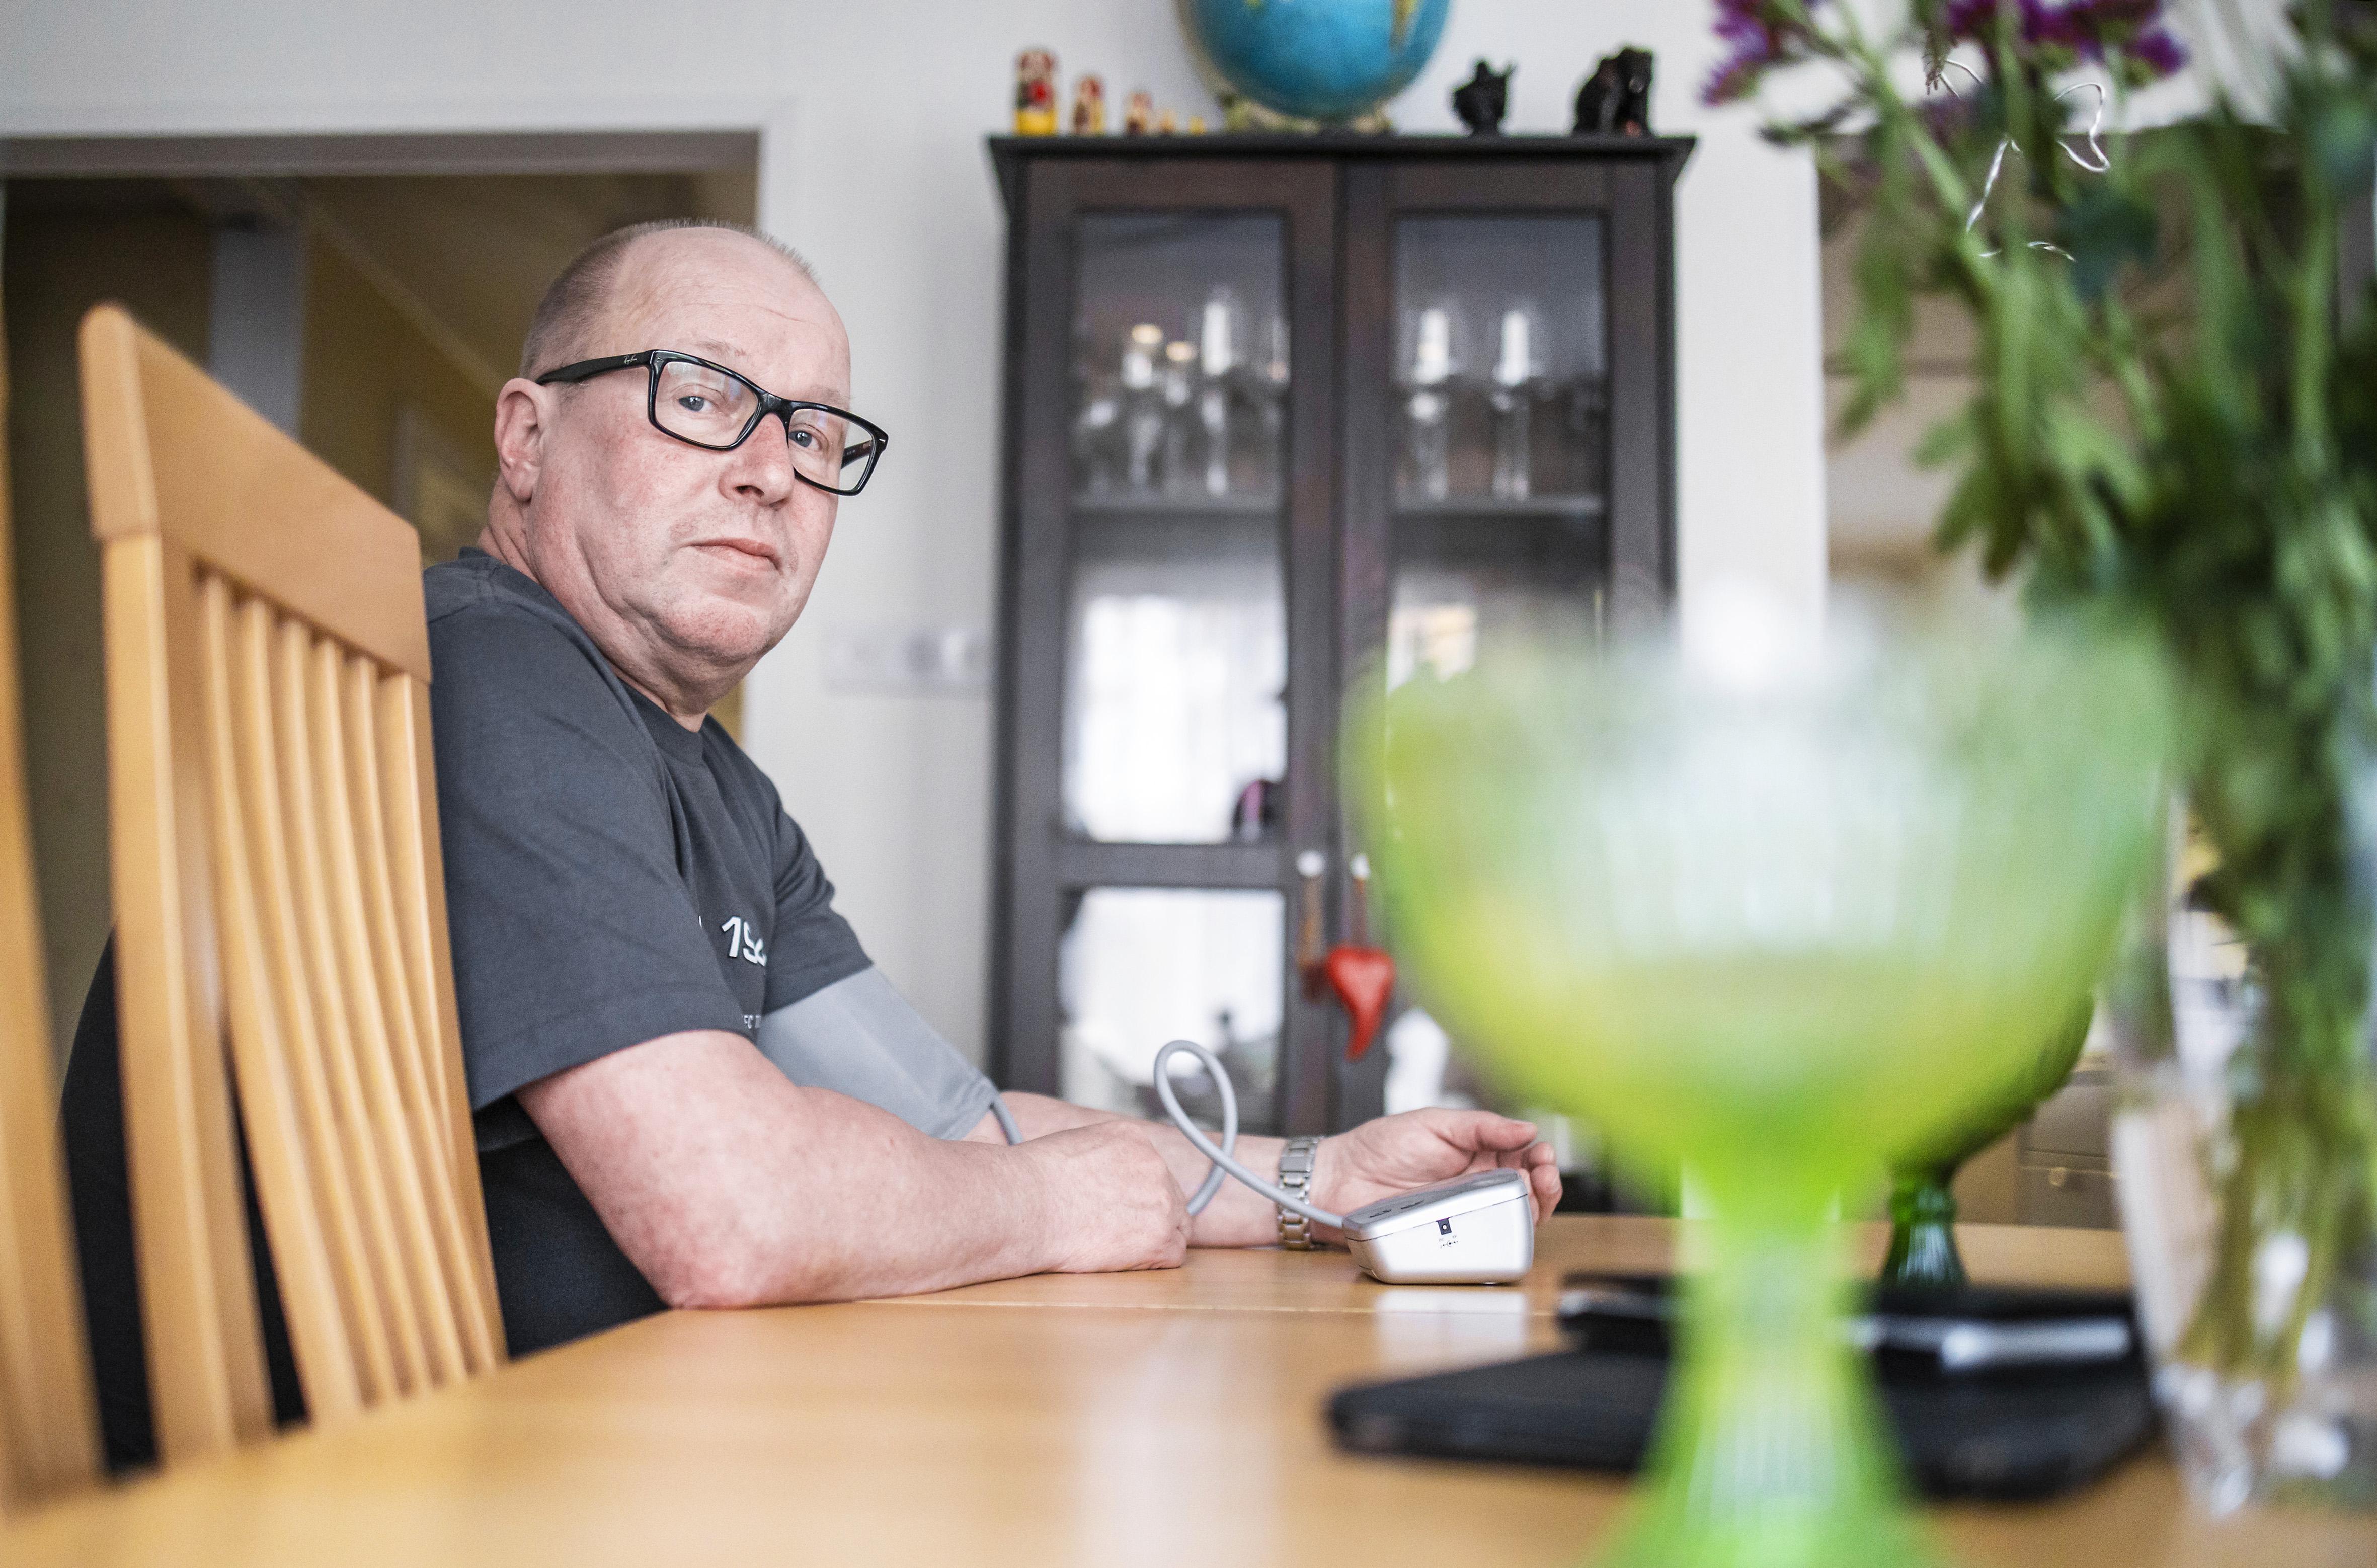 Verenpaineen säännöllinen seuraaminen kuuluu Jukka Voutilaisen arkeen.